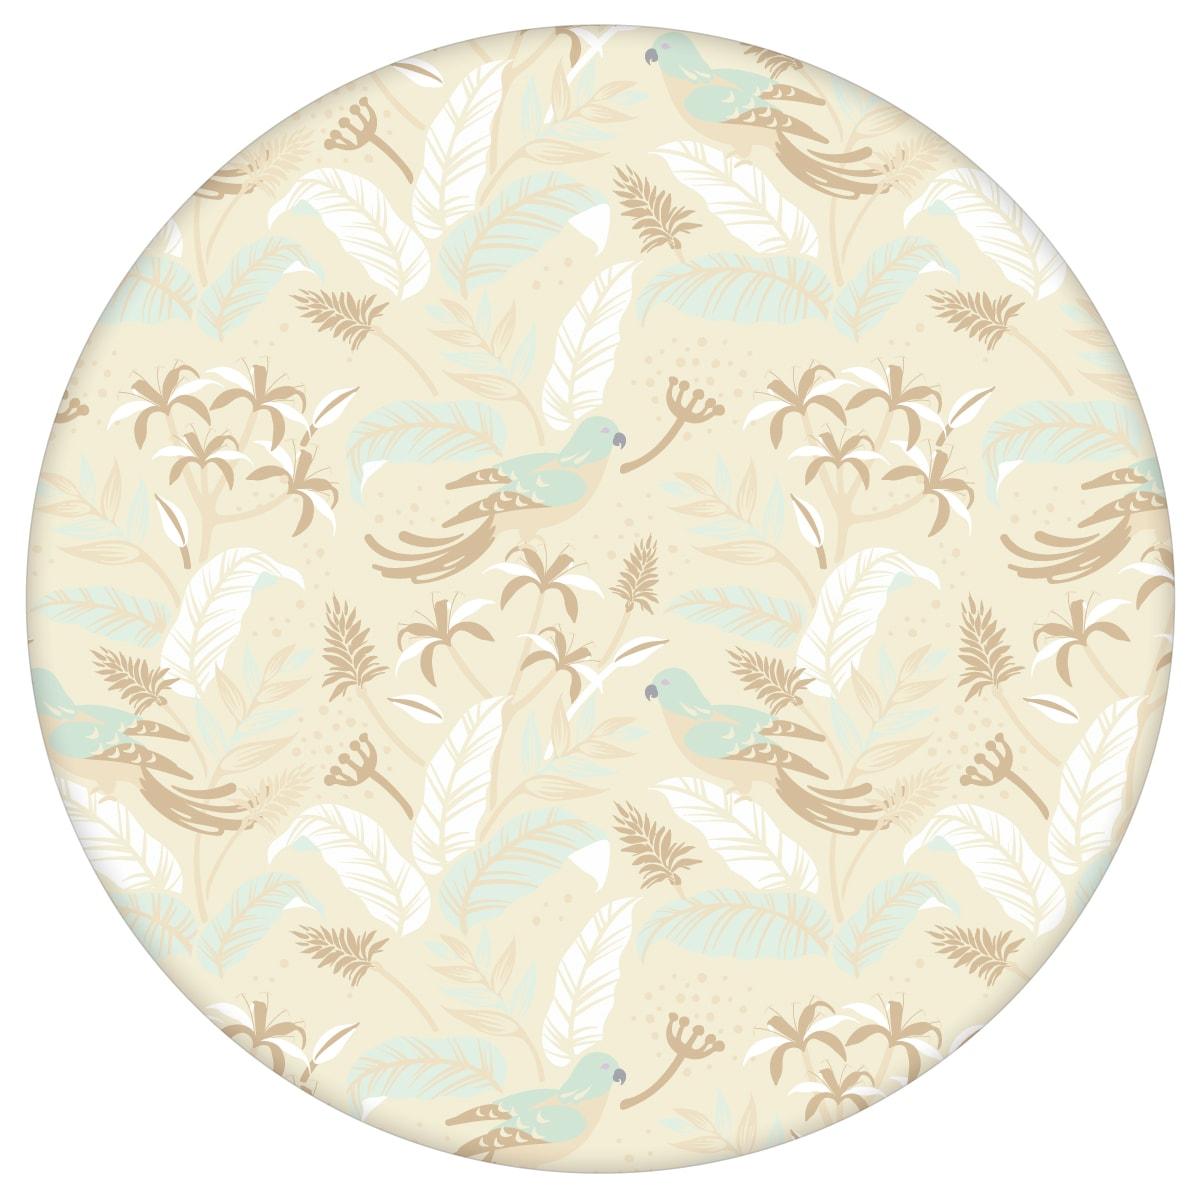 """Dschungel Tapete """"Wild Birds"""" mit tropischen Vögeln, beige Vlies Tapete Wandgestaltung für Küche  3"""